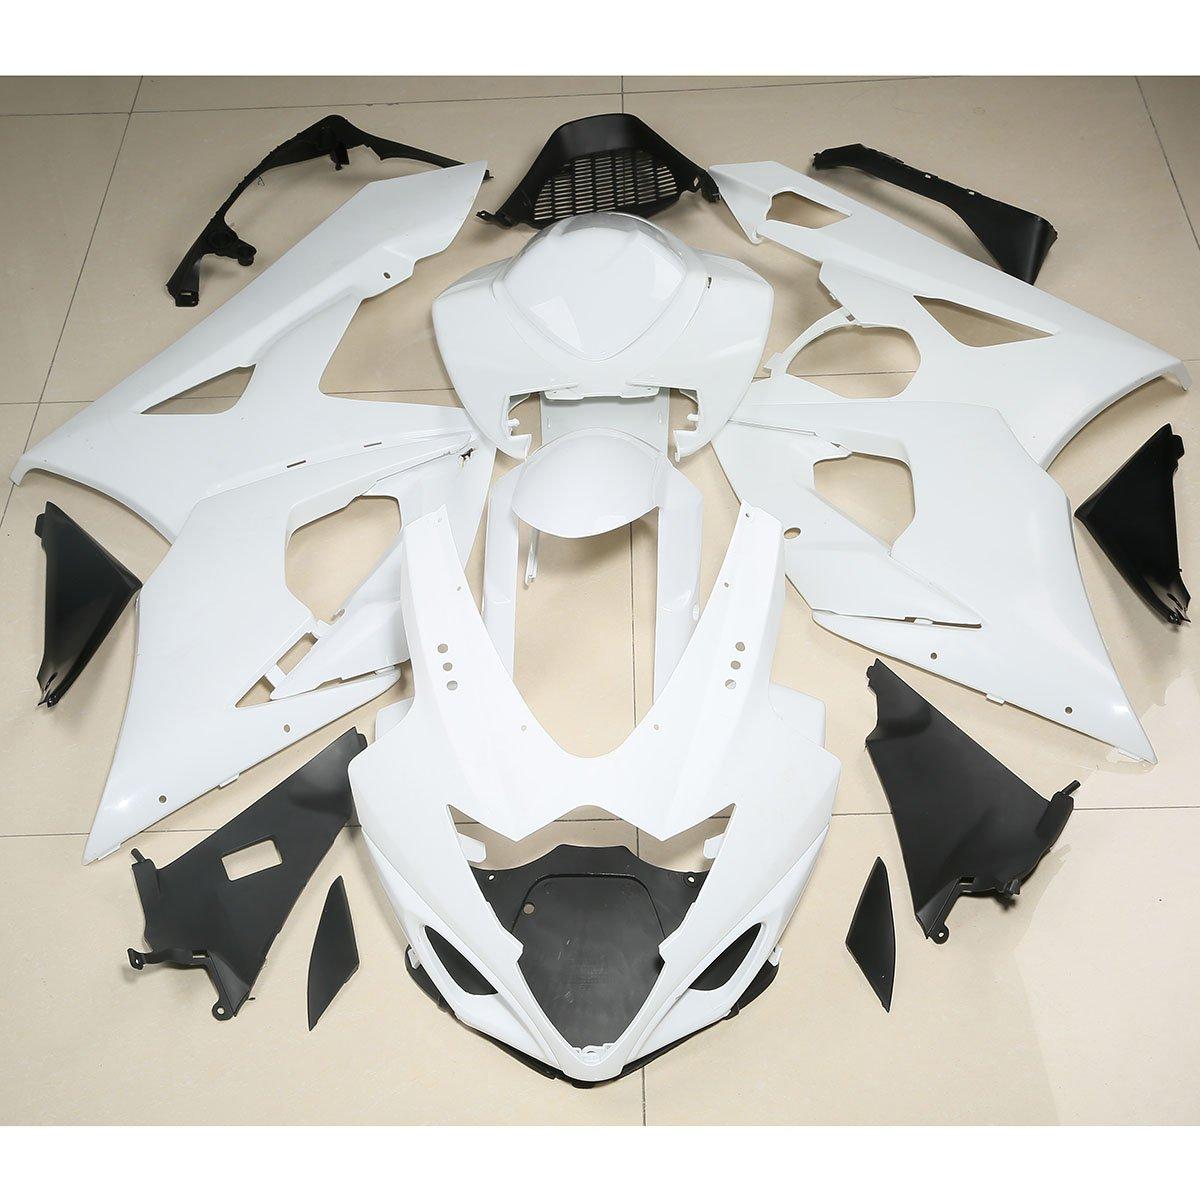 XFMT Motorcycle White Unpainted ABS Plastic Fairing Cowl Bodywork Set Compatible with Suzuki GSXR1000 GSX-R GSXR 1000 K5 2005 2006